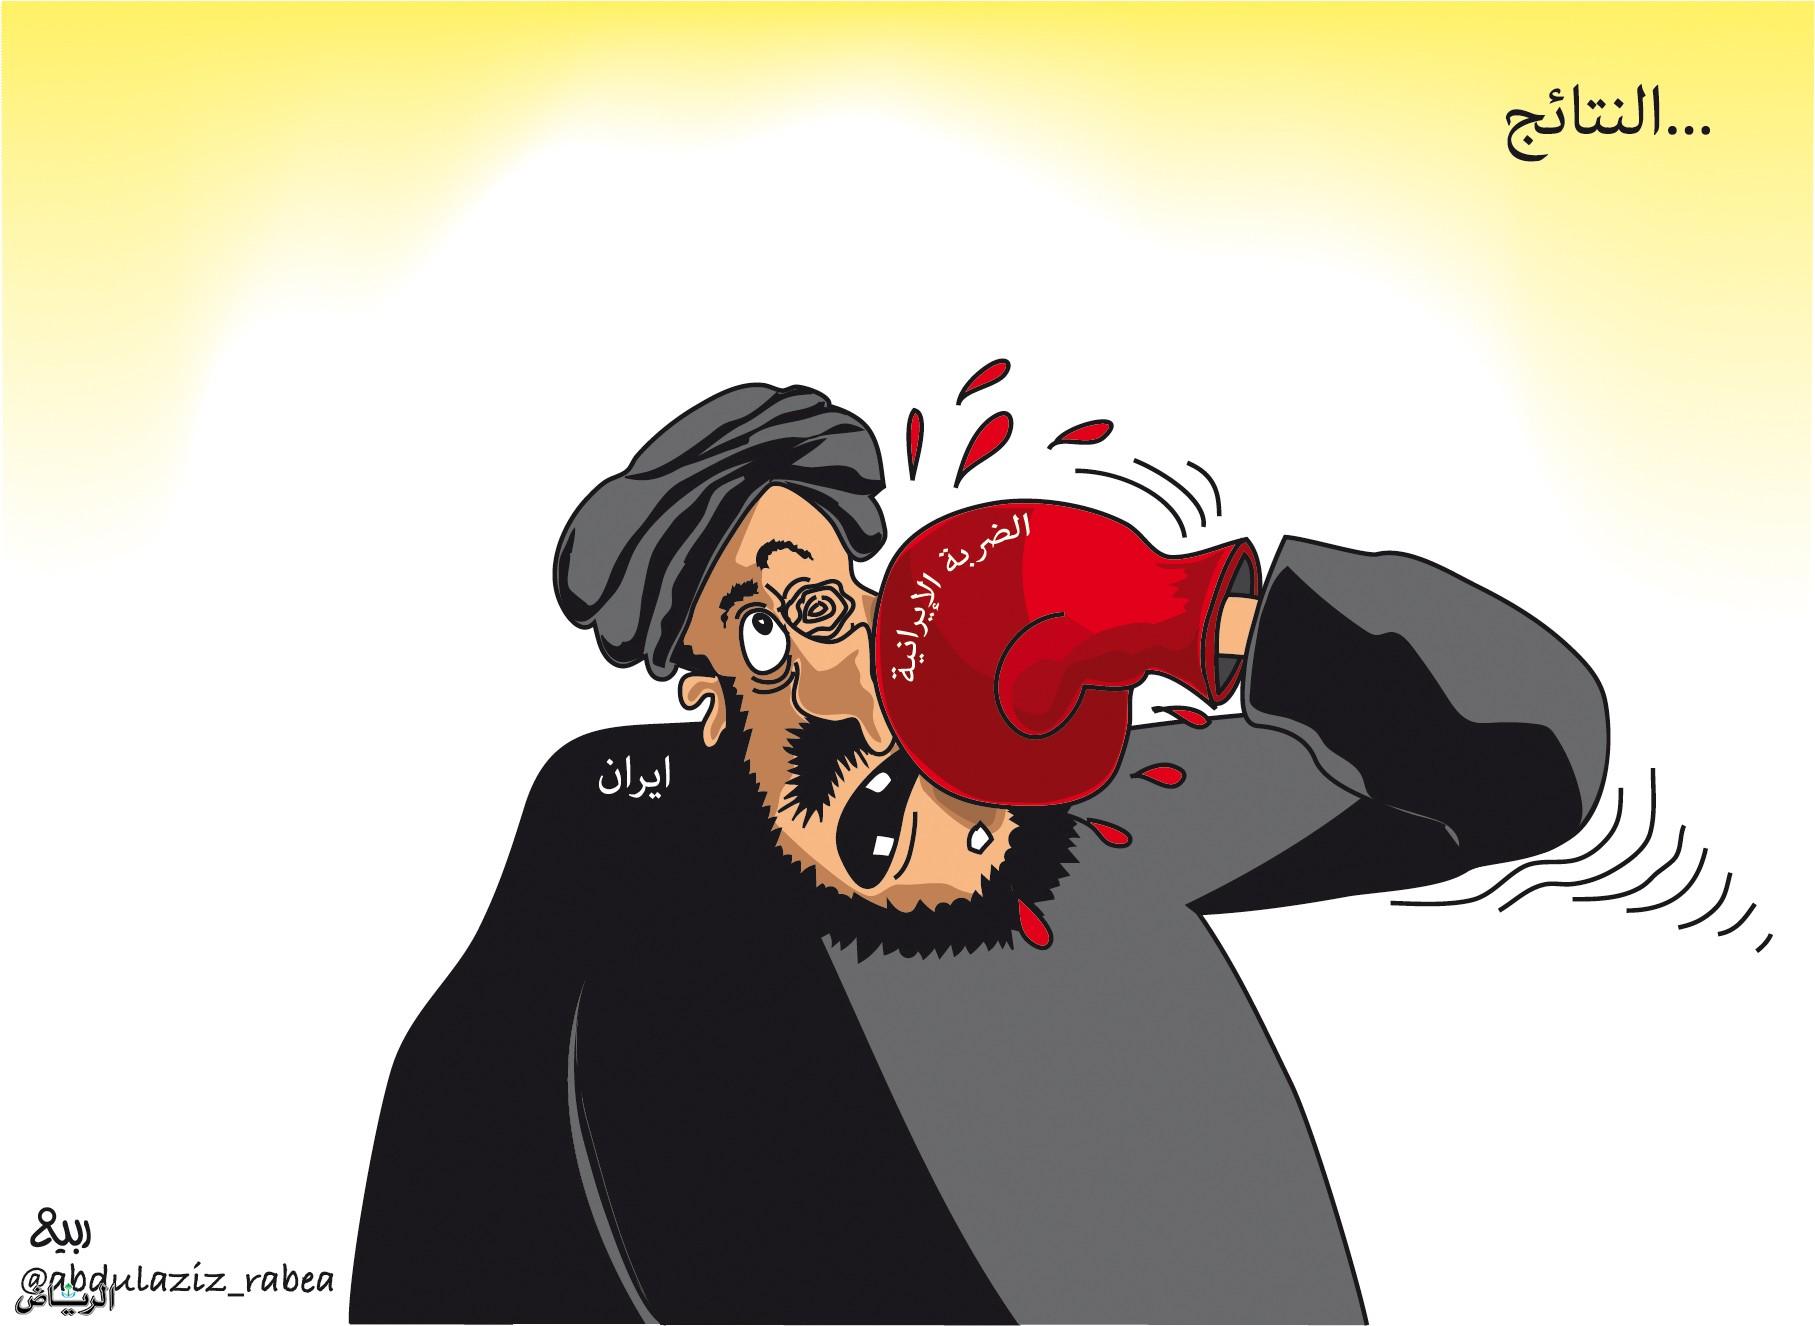 ضربات إيران الانتقامية بدون نتائج